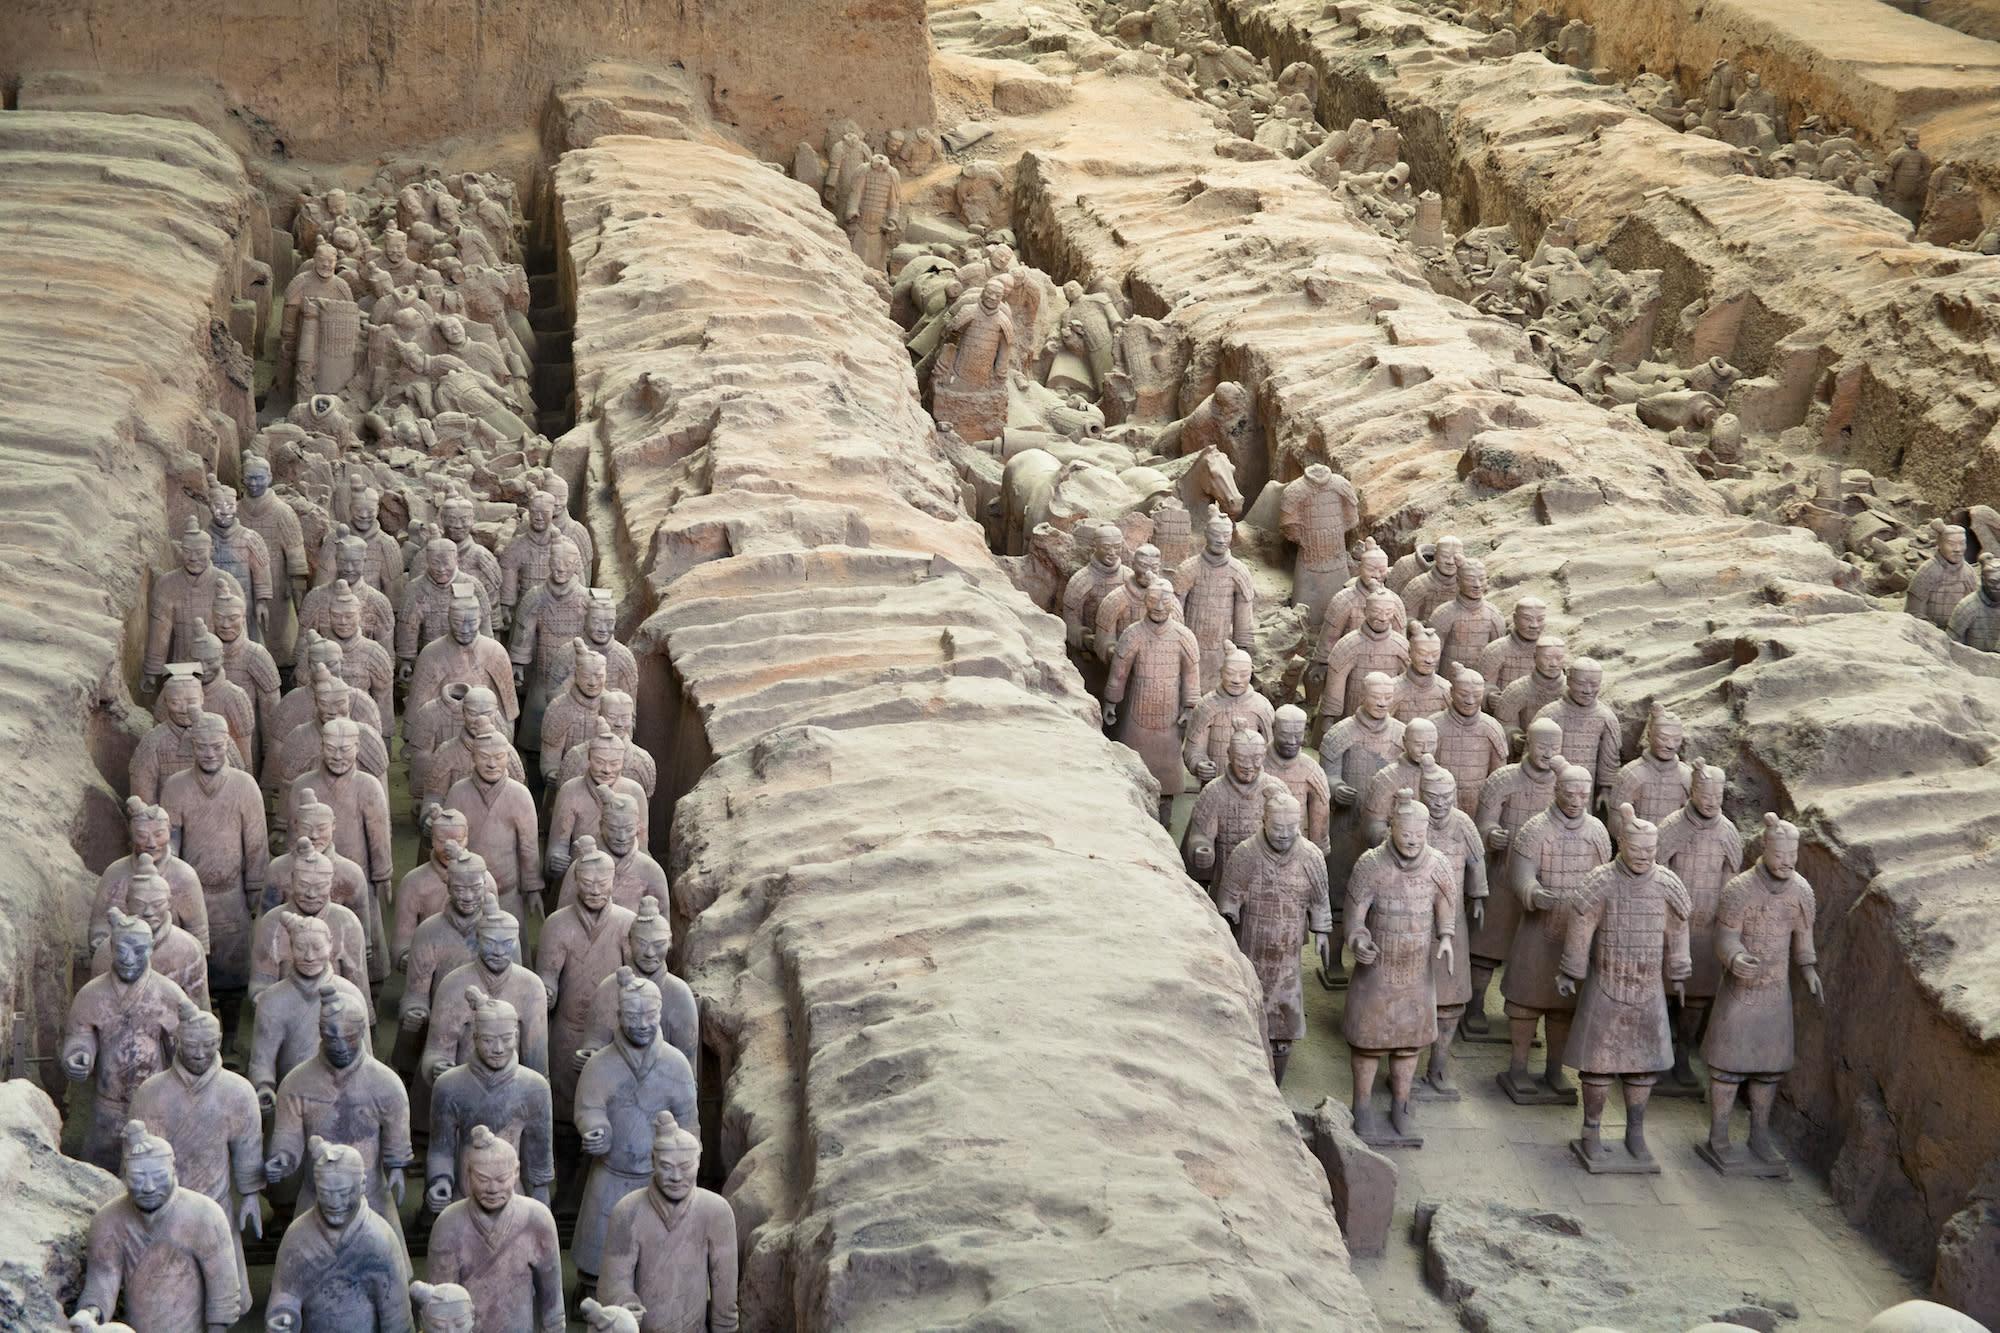 Archäologie: Das sind die 10 spektakulärsten Ausgrabungen ...